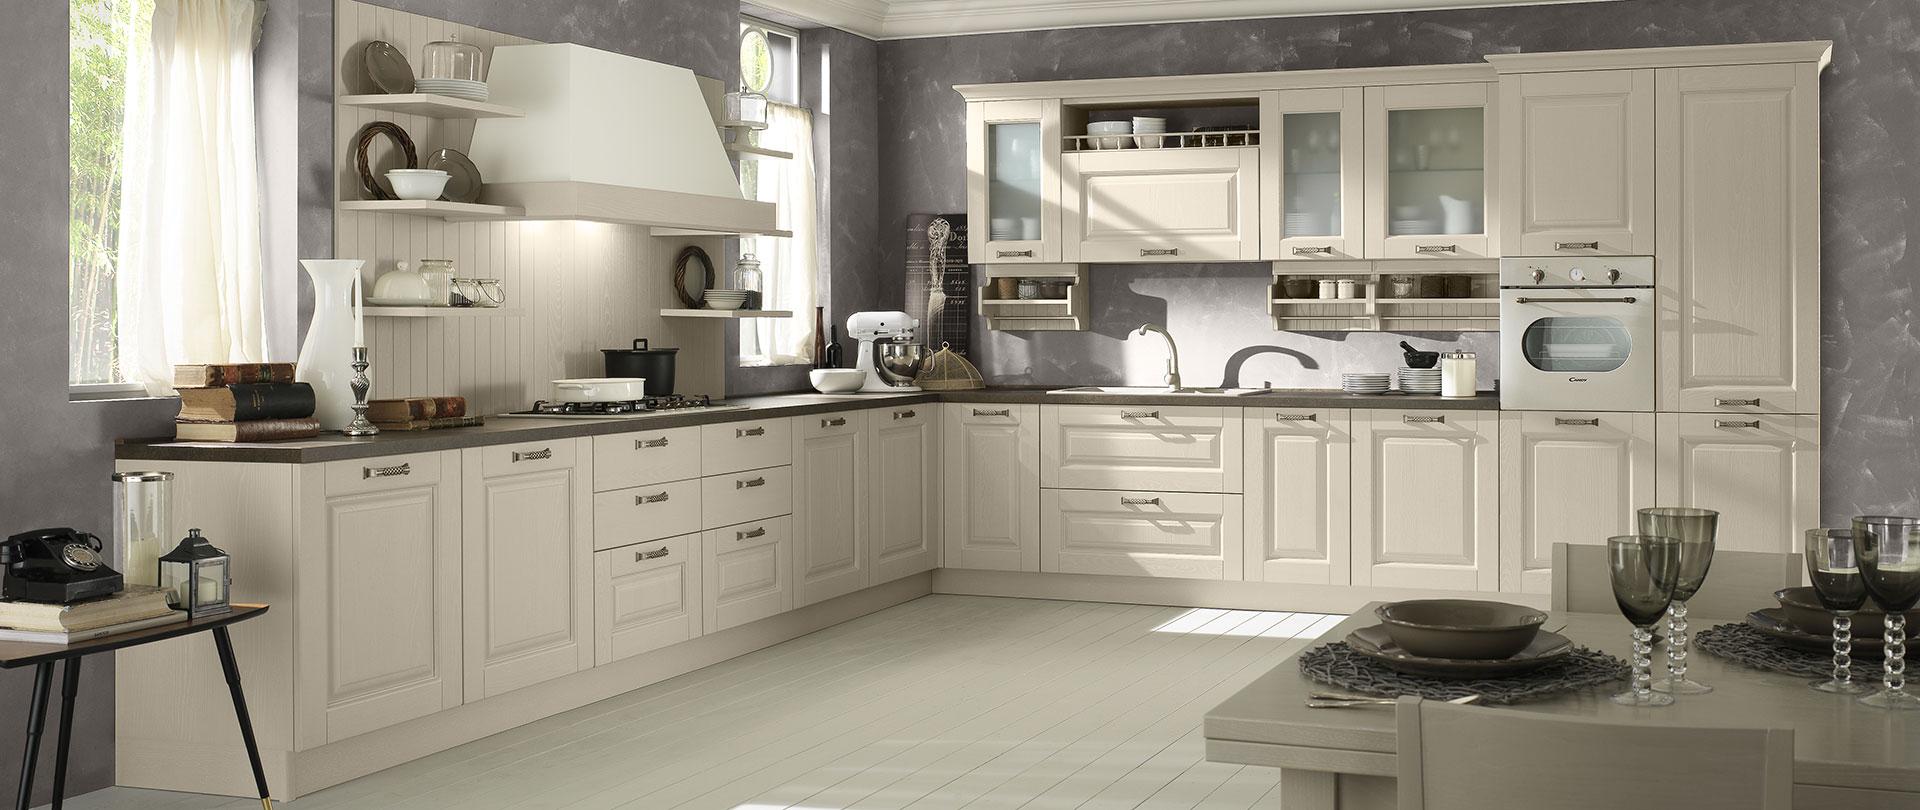 Cucine classiche in legno massello | Telma | EVO Cucine